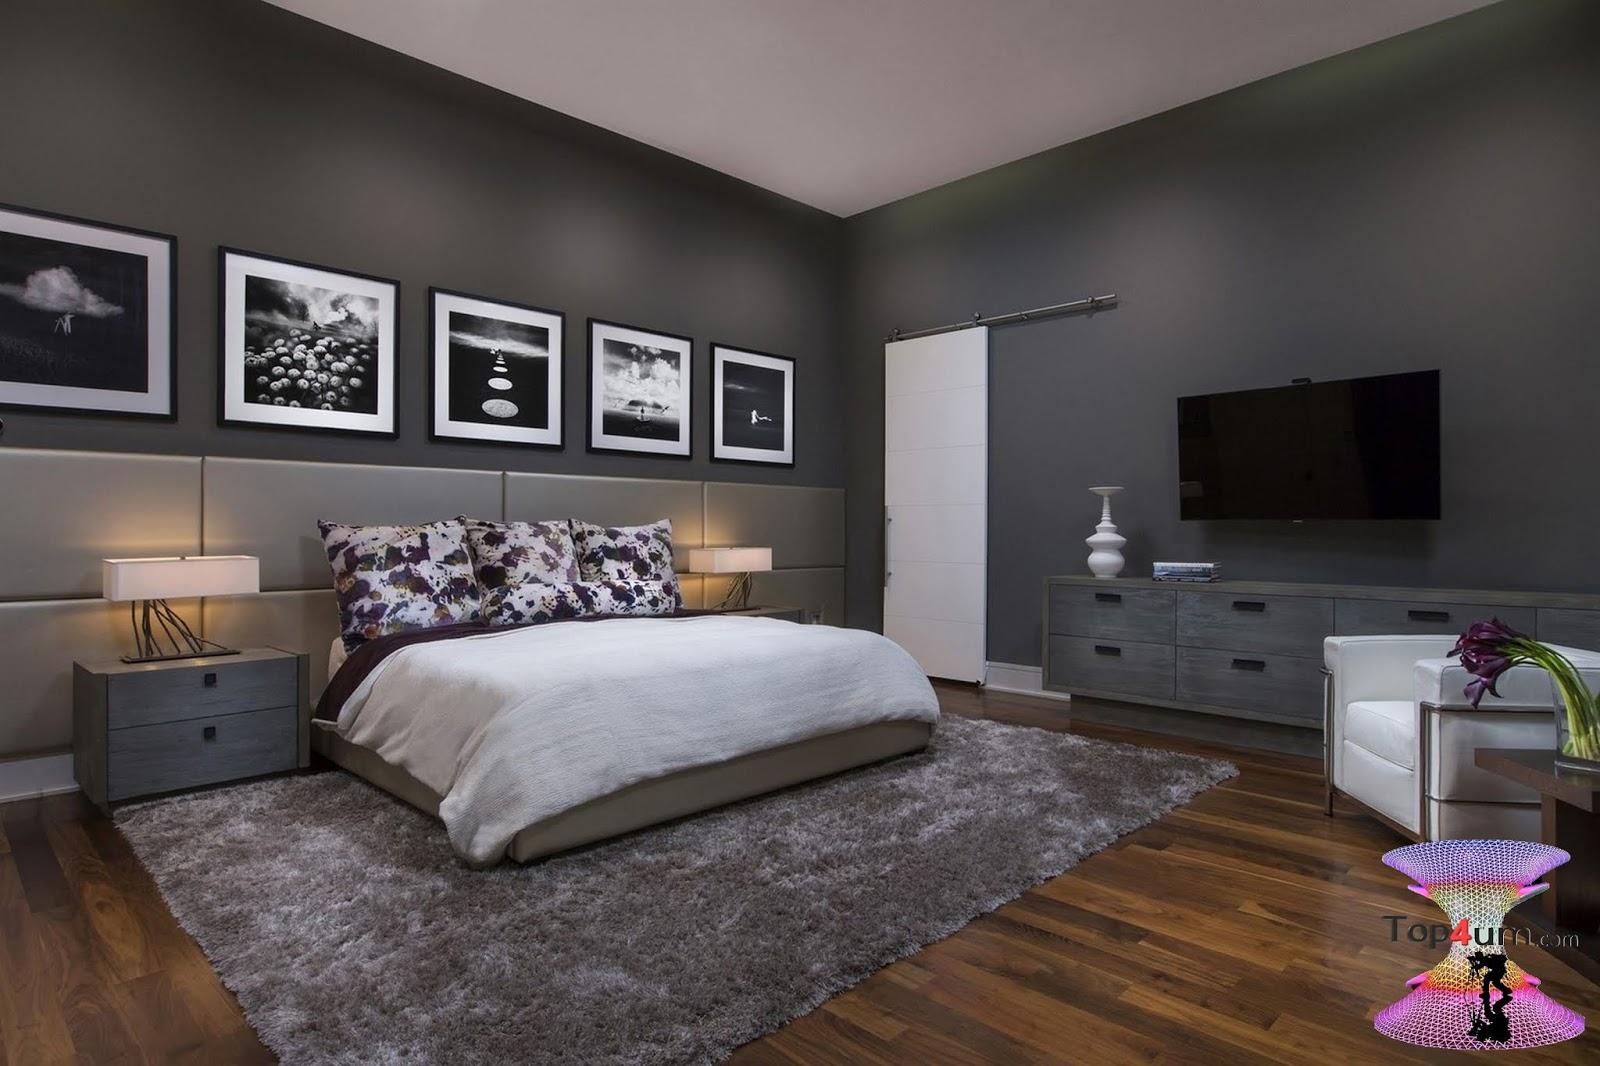 اجمل الوان غرف نوم للعرسان 2020 Modern Bedrooms Images Top4